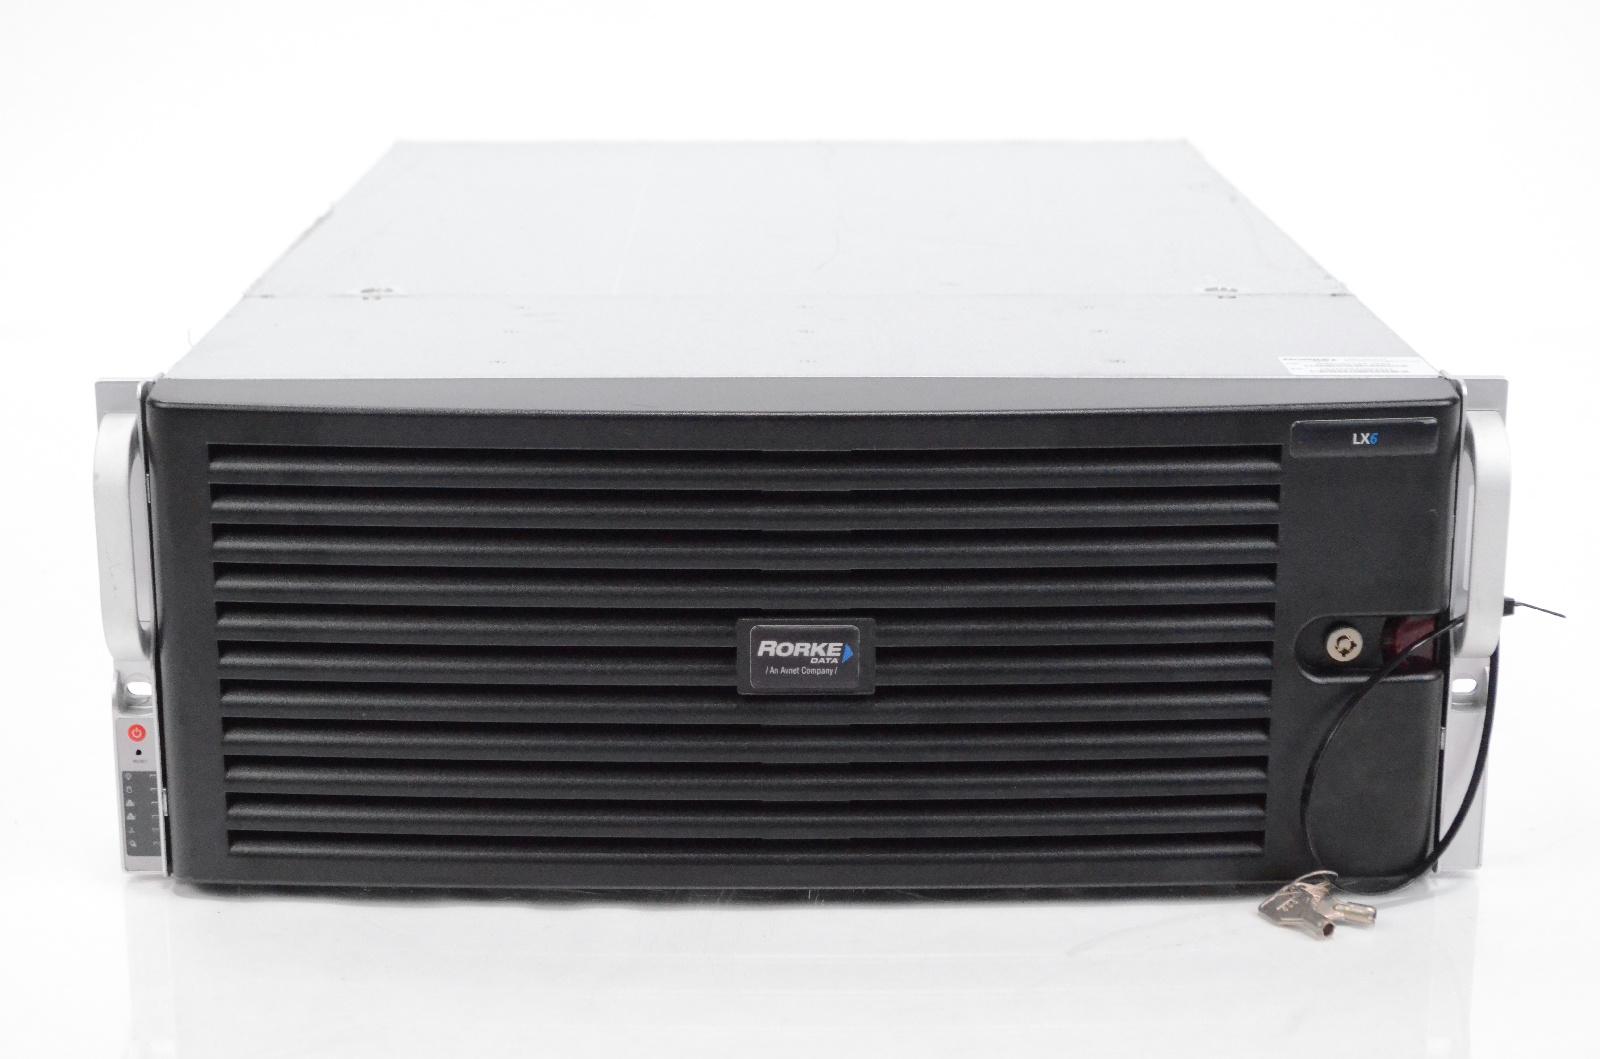 Rorke Data GN4U/24-L6A-36NE 36 TB Hard Drive Galaxy LX6 NAS Raid System #32390